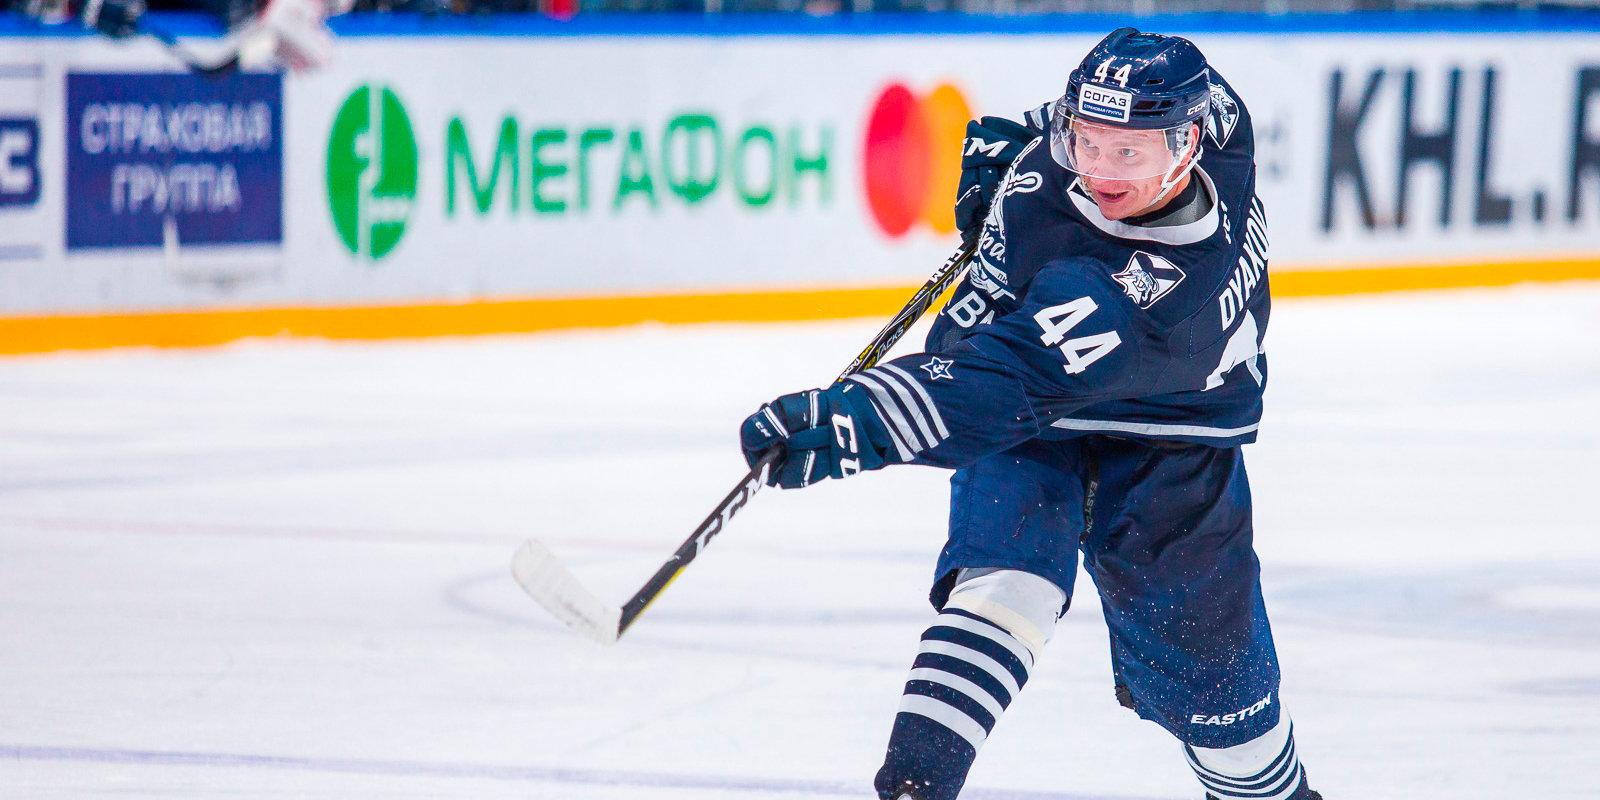 Российский хоккеист дисквалифицирован на 15 месяцев за употребление кокаина